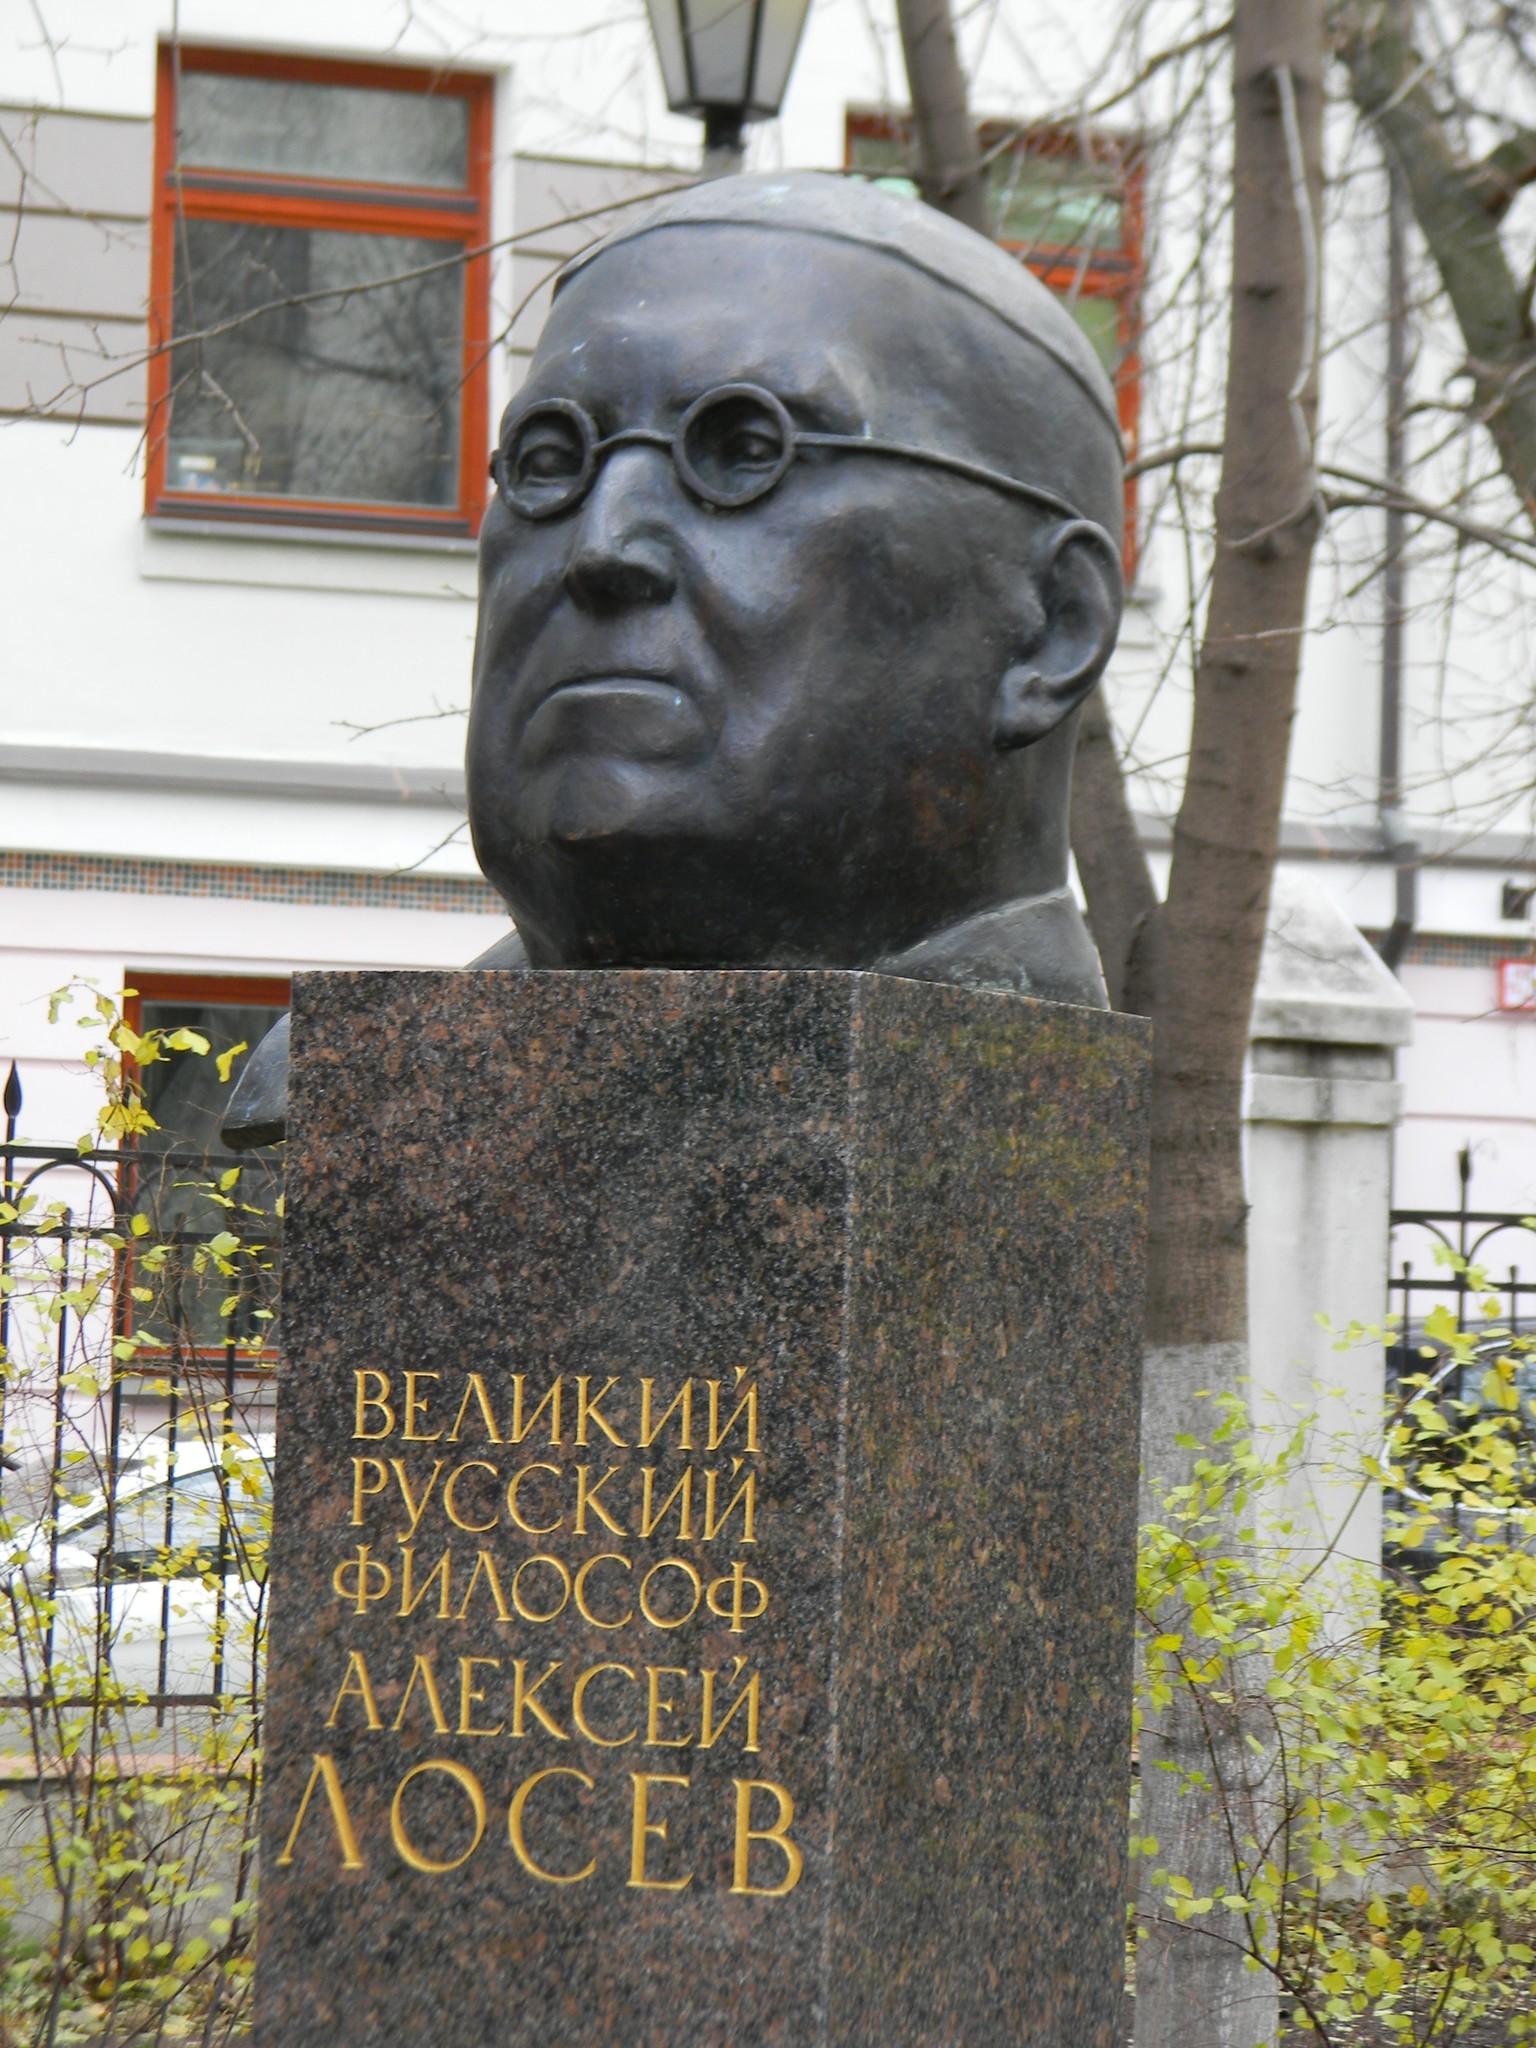 Памятник А.Ф. Лосеву во дворе библиотеки истории русской философии и культуры «Дом А.Ф. Лосева»